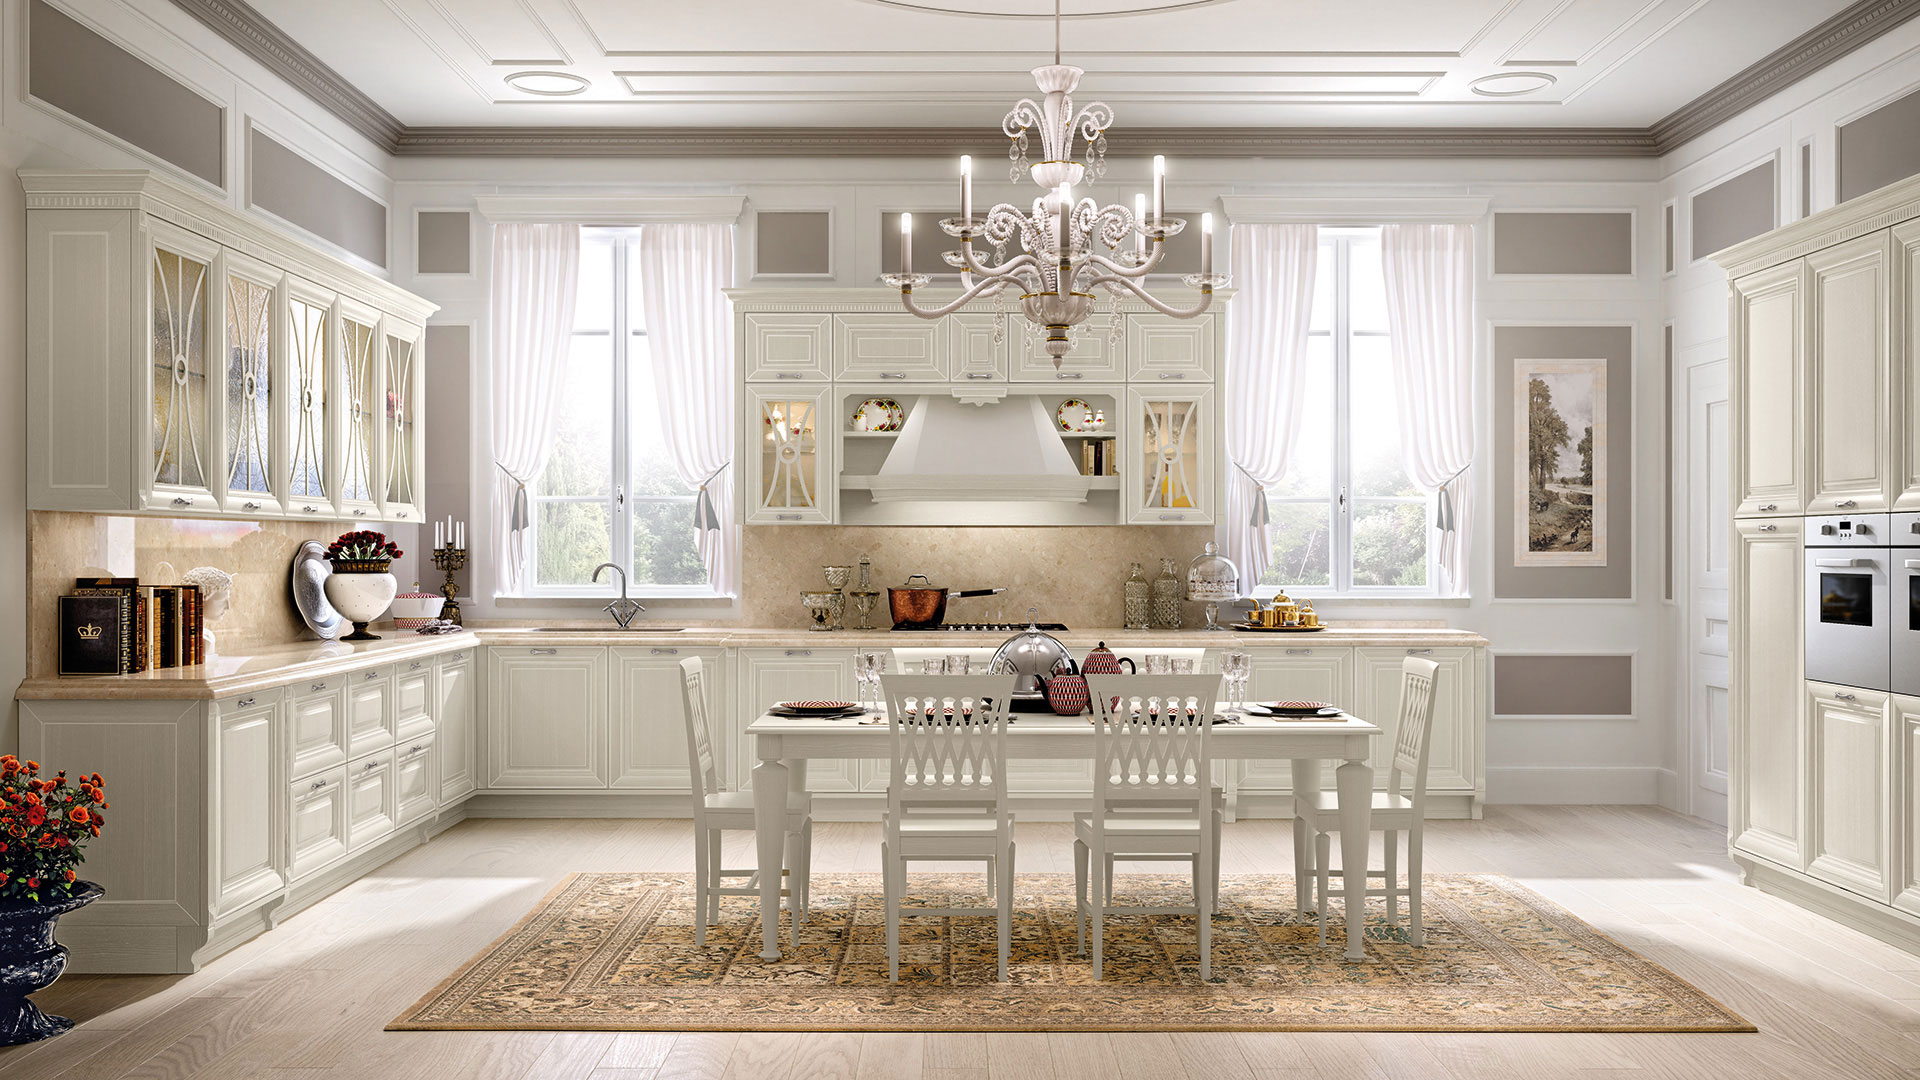 Pantheon - Cucine Classiche - Scheda prodotto - Cucine Lube